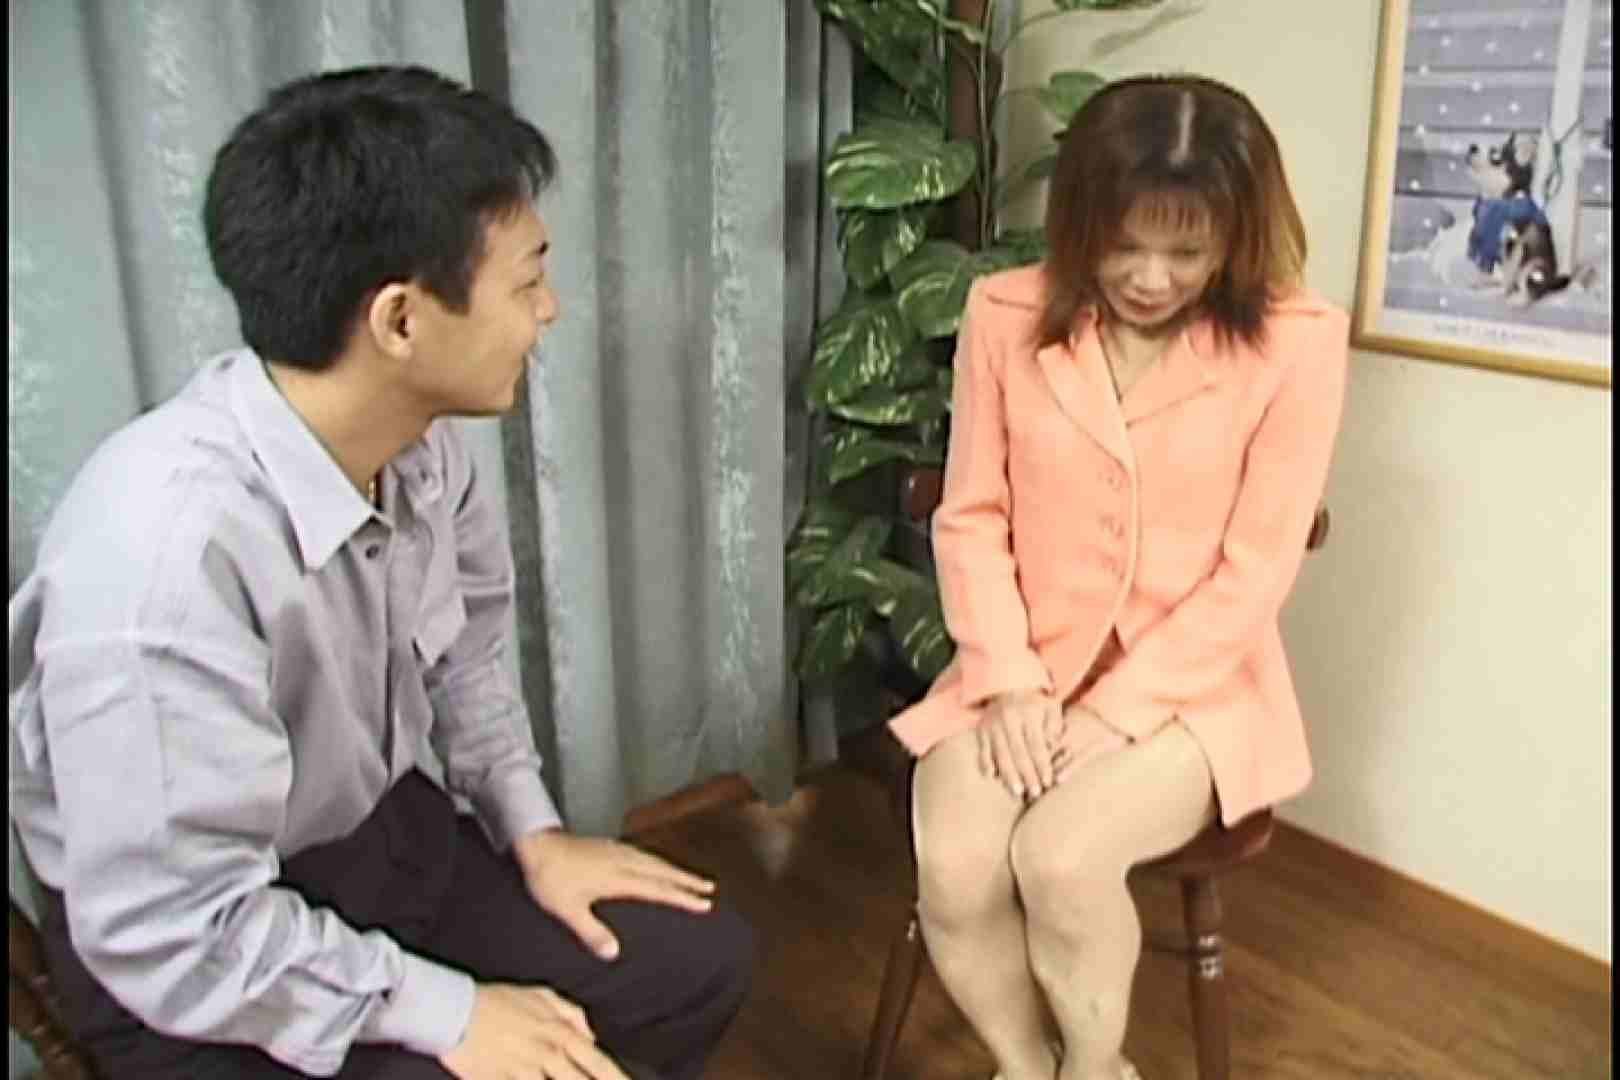 昼間の奥様は欲求不満 ~桜井昌子~ 熟女  74連発 10